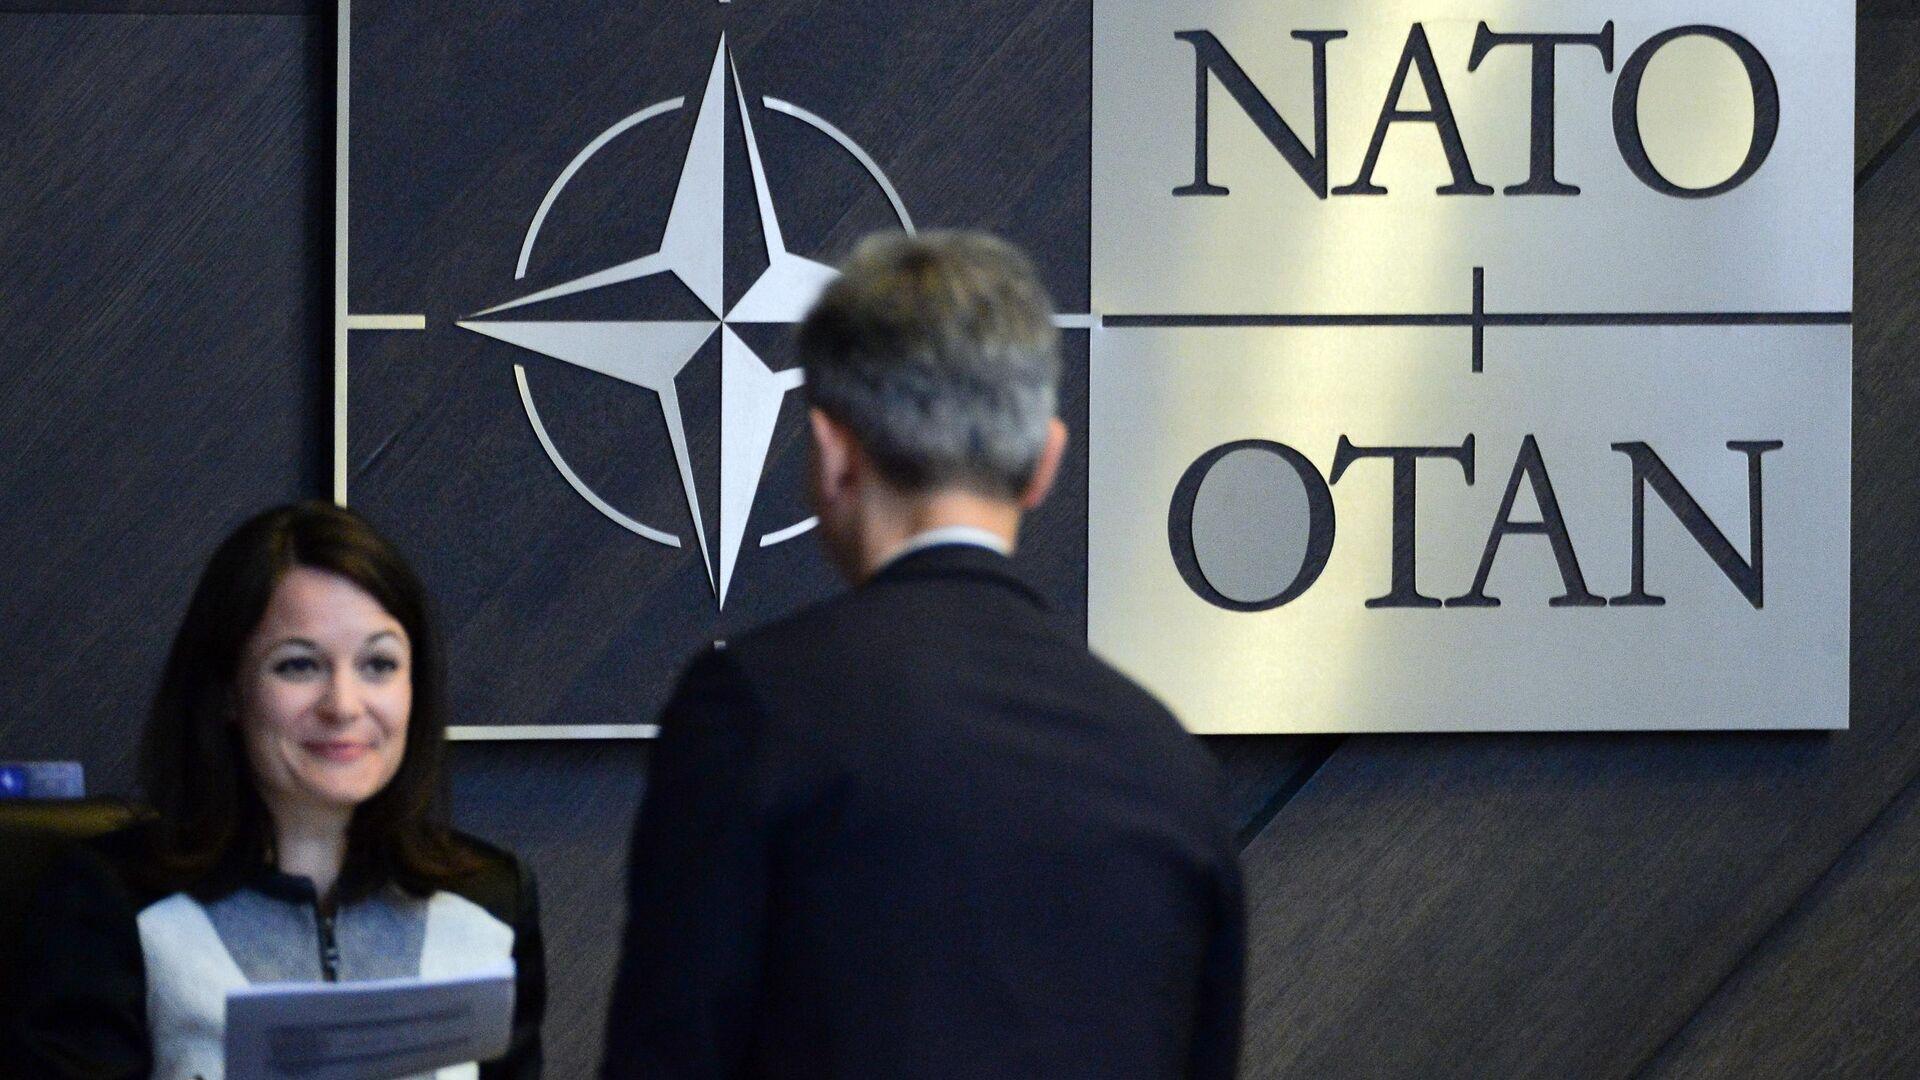 Саммит глав государств и глав правительств стран-участниц Североатлантического альянса (НАТО) - РИА Новости, 1920, 13.06.2021